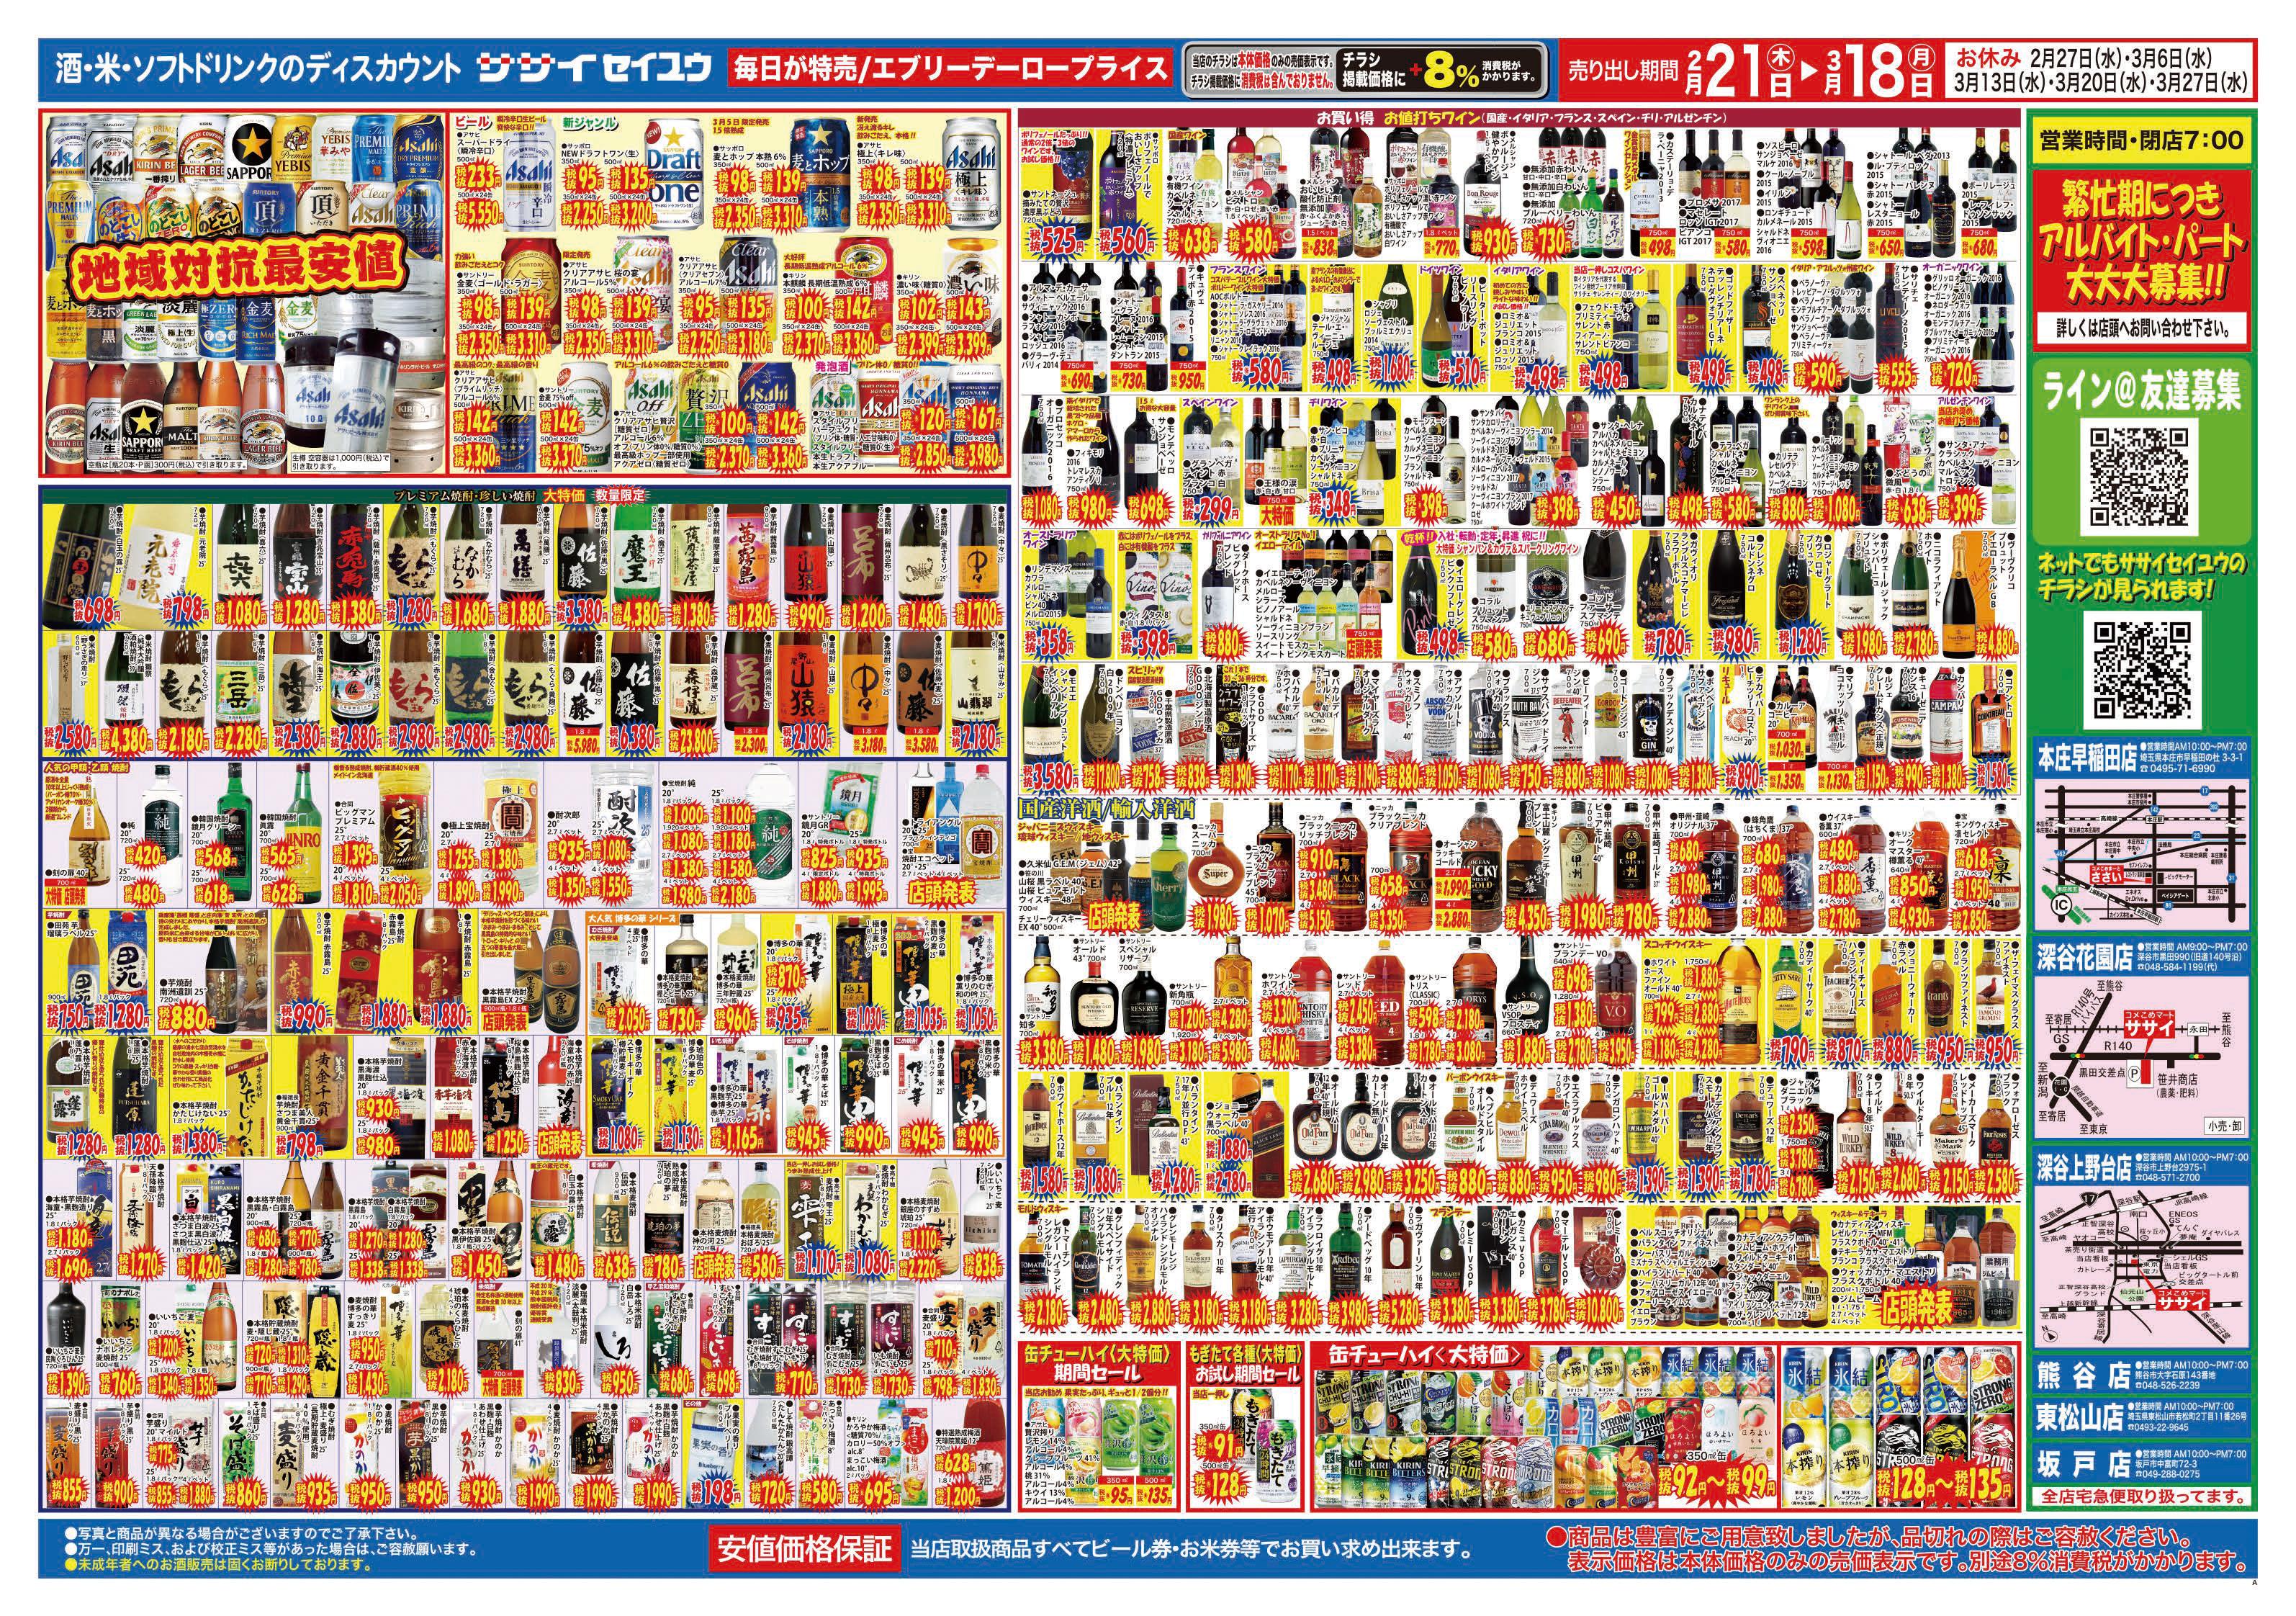 2019年2月21日笹井商店折込チラシ表面